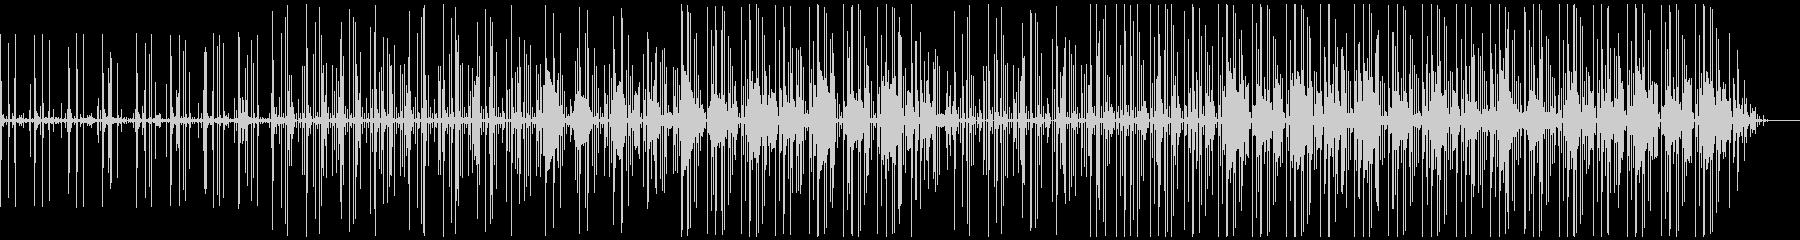 エレクトロ/ドラムループ。繰り返し...の未再生の波形